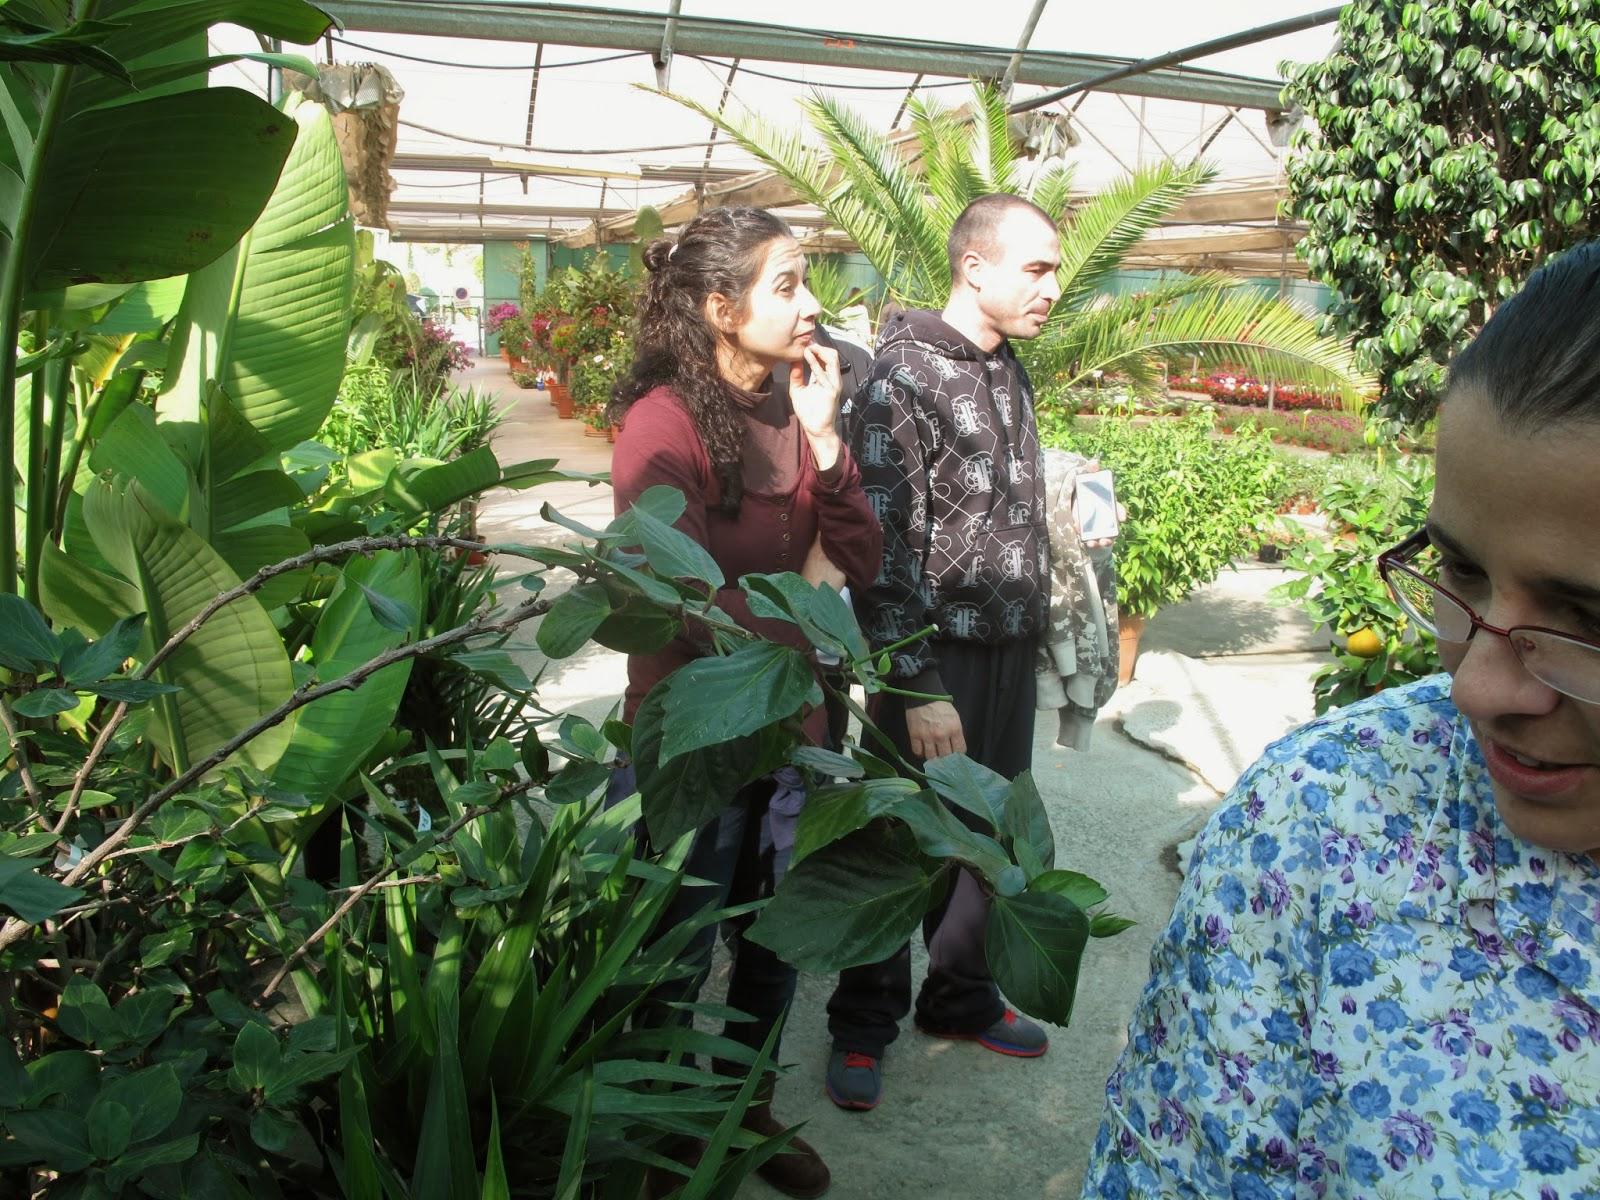 Taller de empleo mijas mejora visitas formativas jardiner a - Oficina virtual de fpe ...